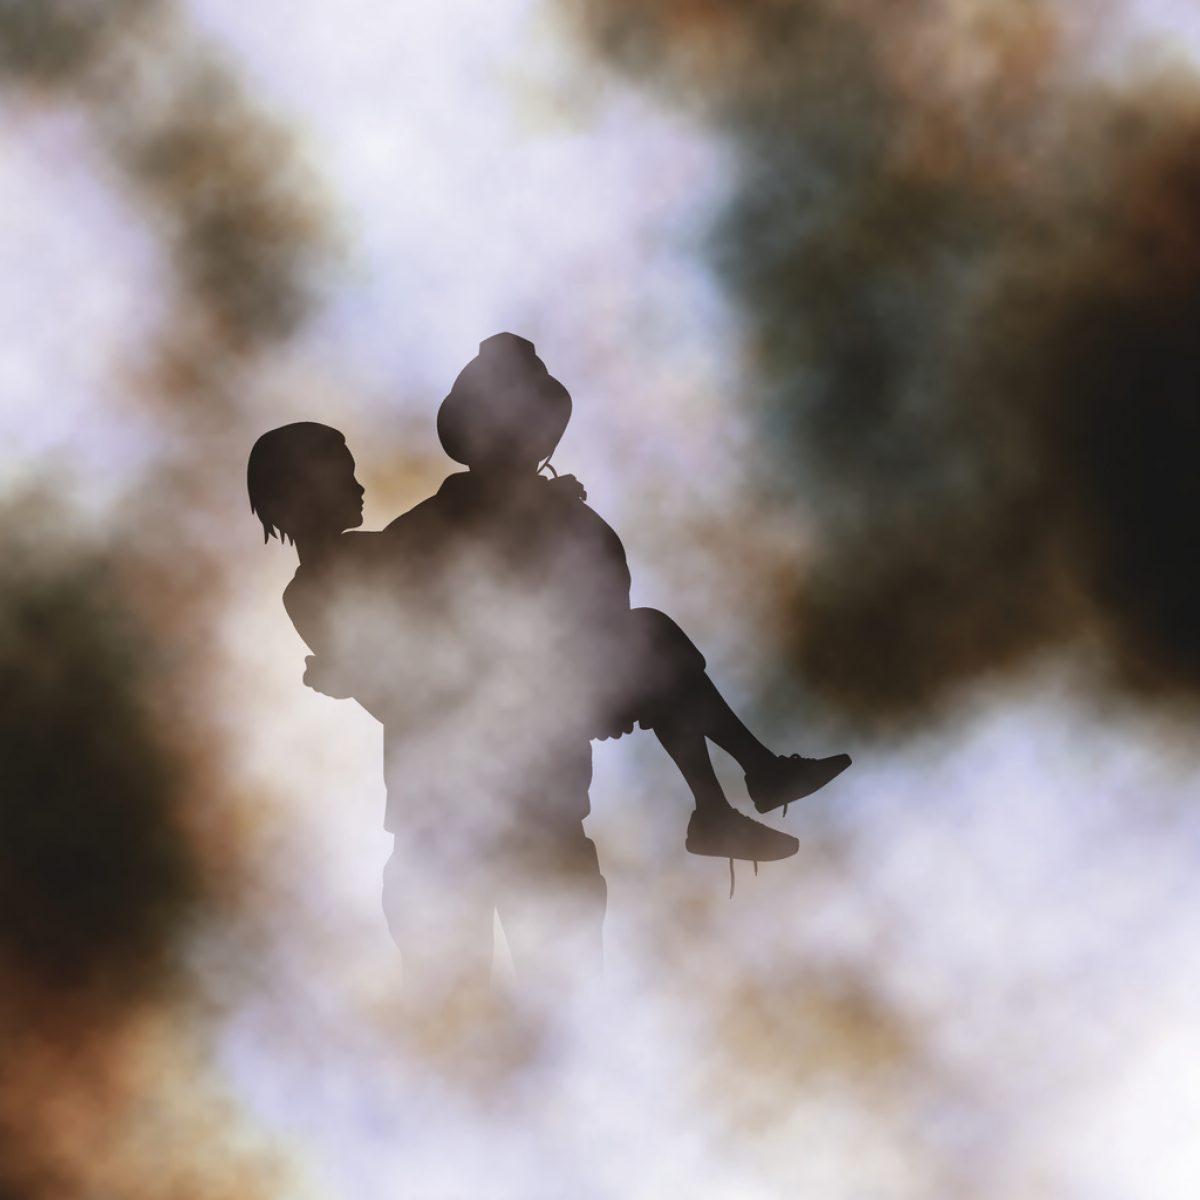 Οι άνθρωποι μετά από ένα τραυματικό γεγονός – Πώς να μιλάμε στα παιδιά μας για τα τραγικά γεγονότα;